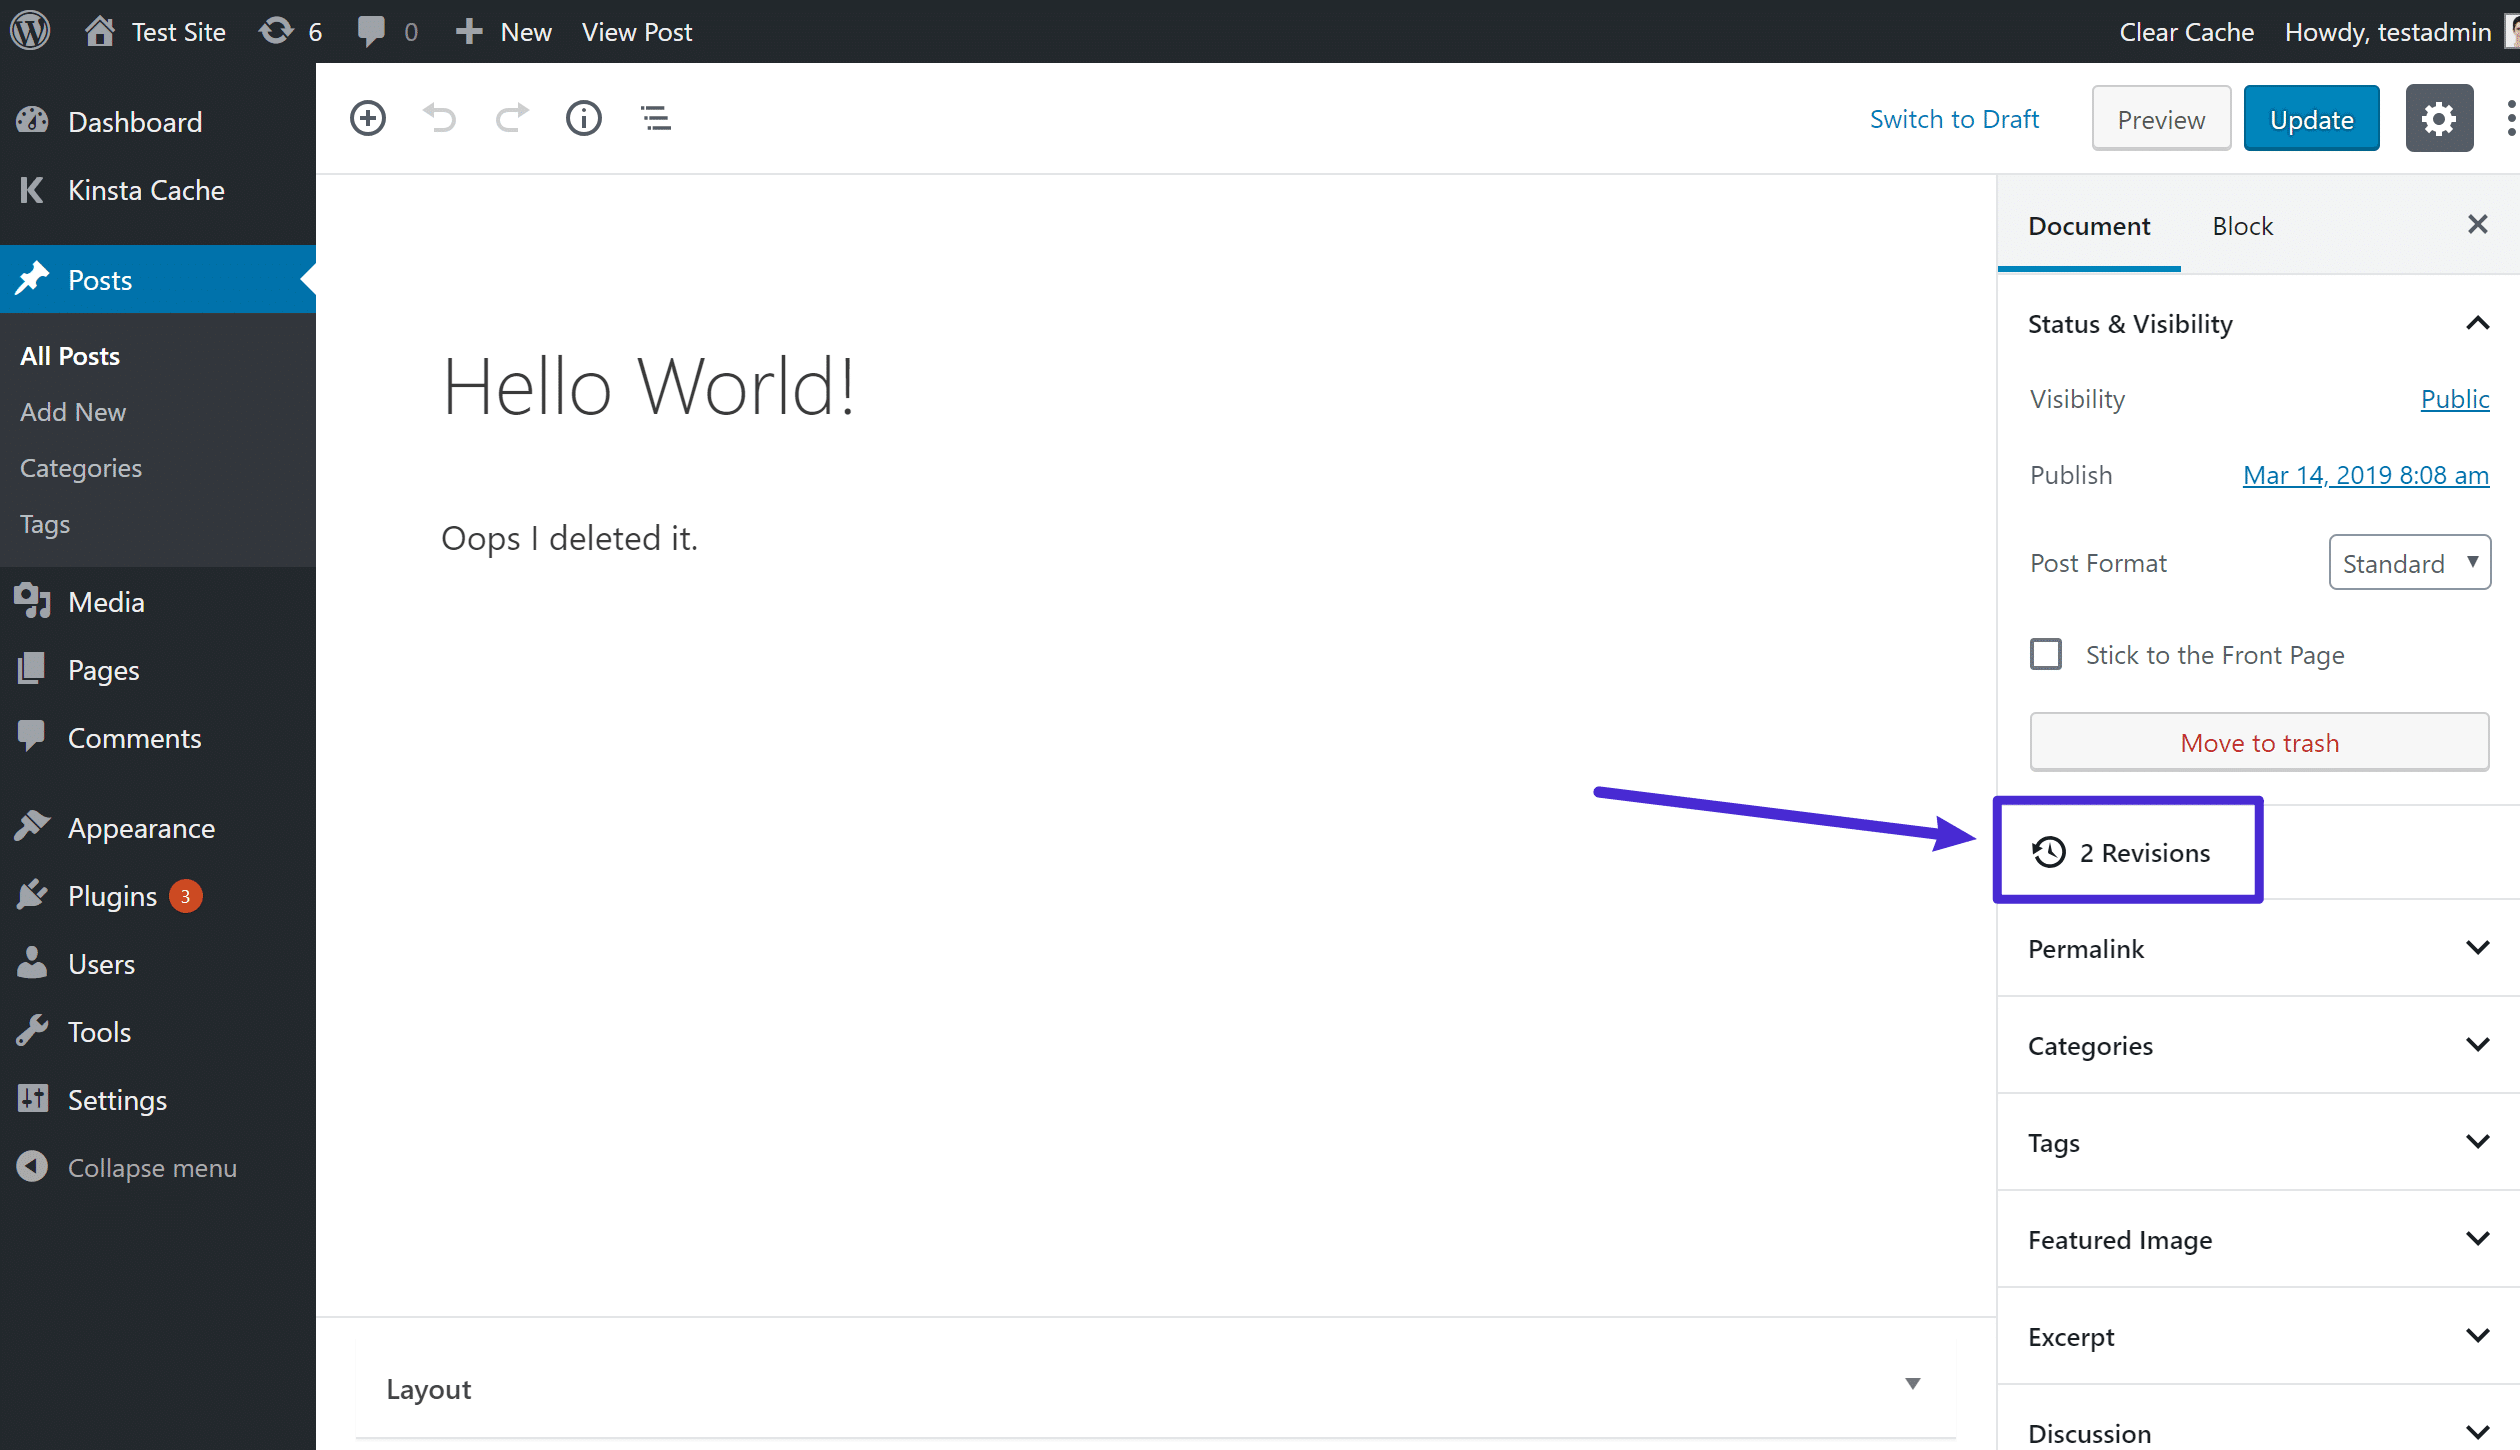 Sådan får du adgang til revisioner i blokeditoren